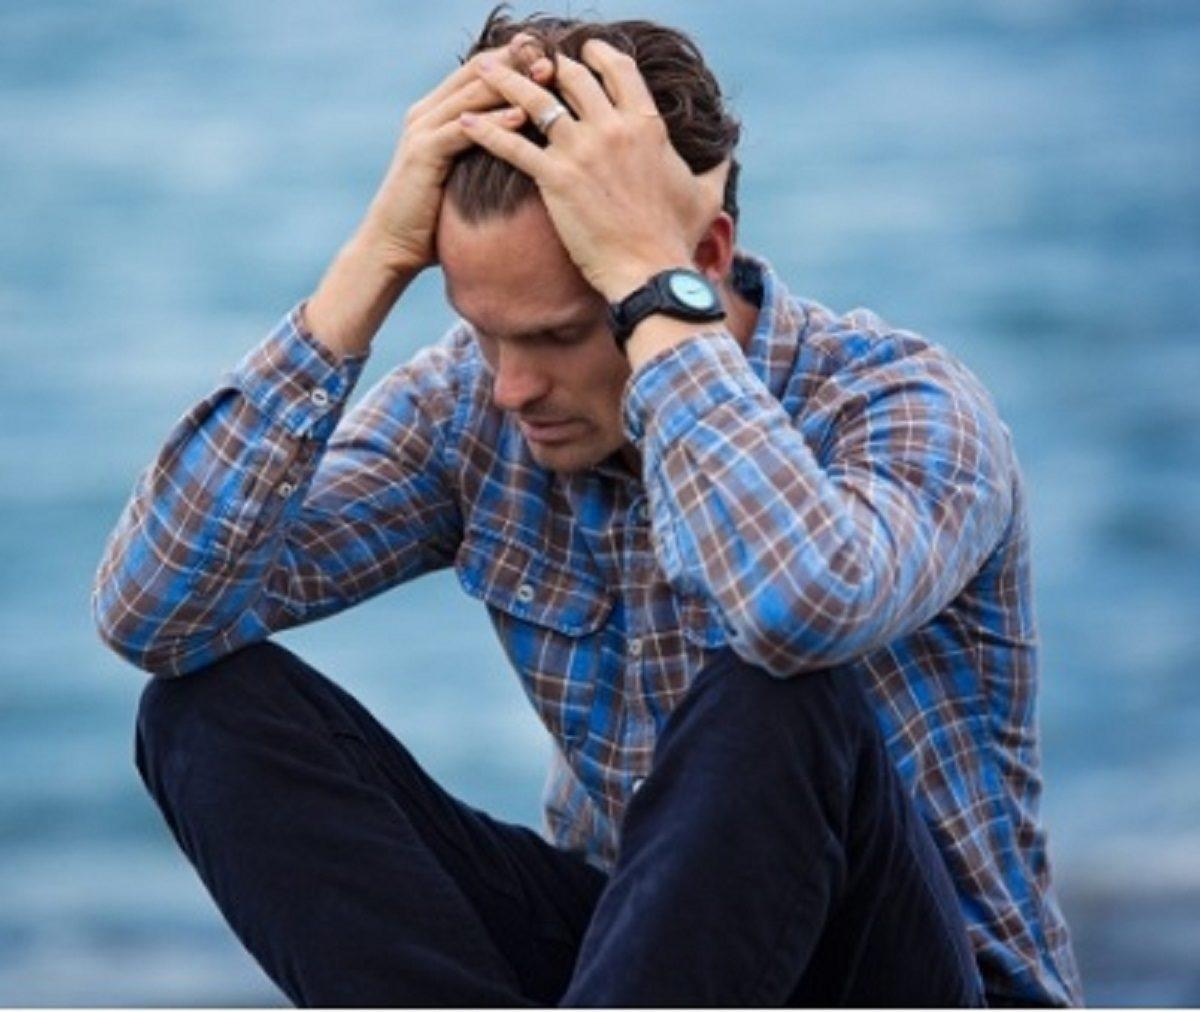 親の介護に悩む男性